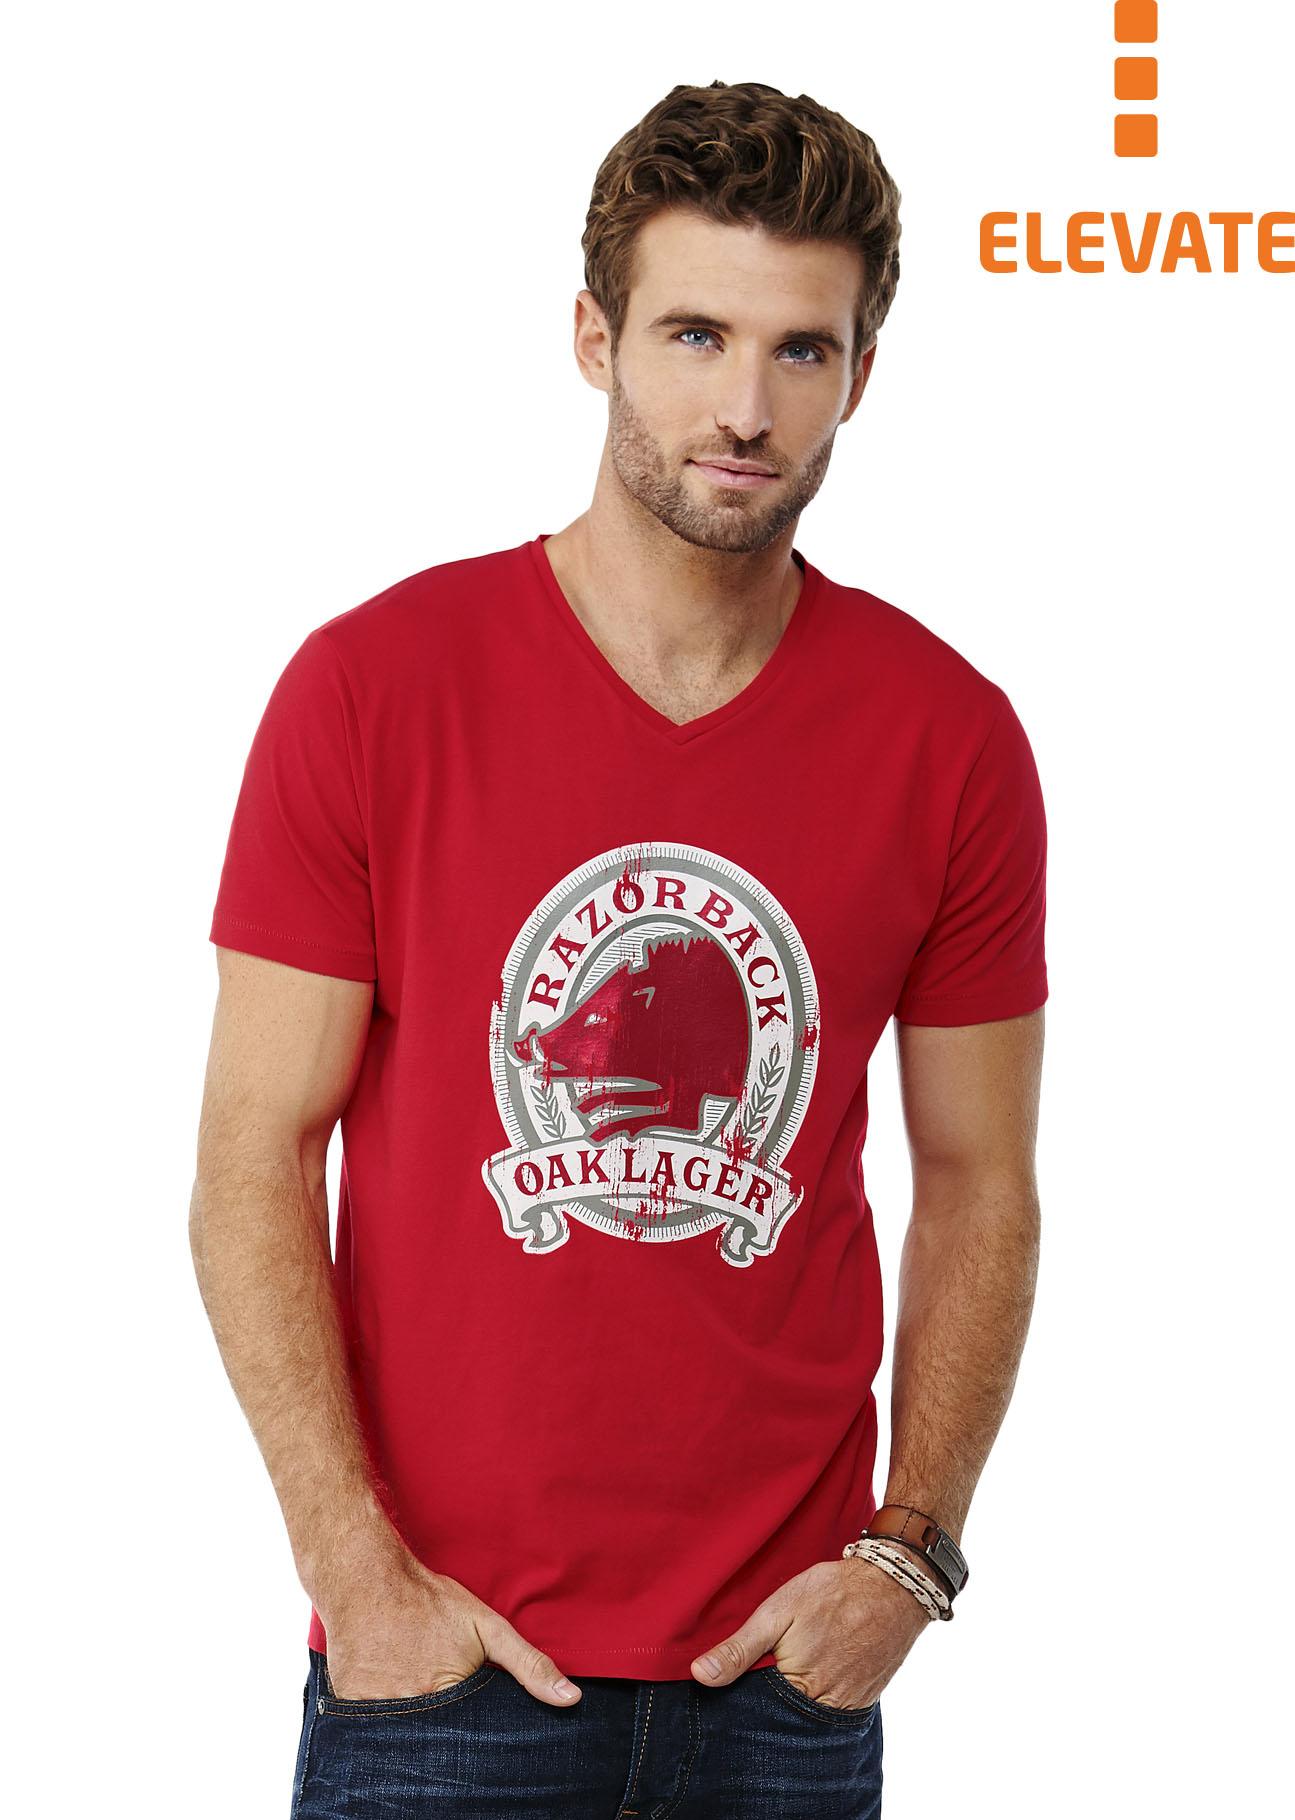 online store 3f971 60e20 Elevate, Herren-T-Shirt mit V-Ausschnitt, günstig bedrucken ...